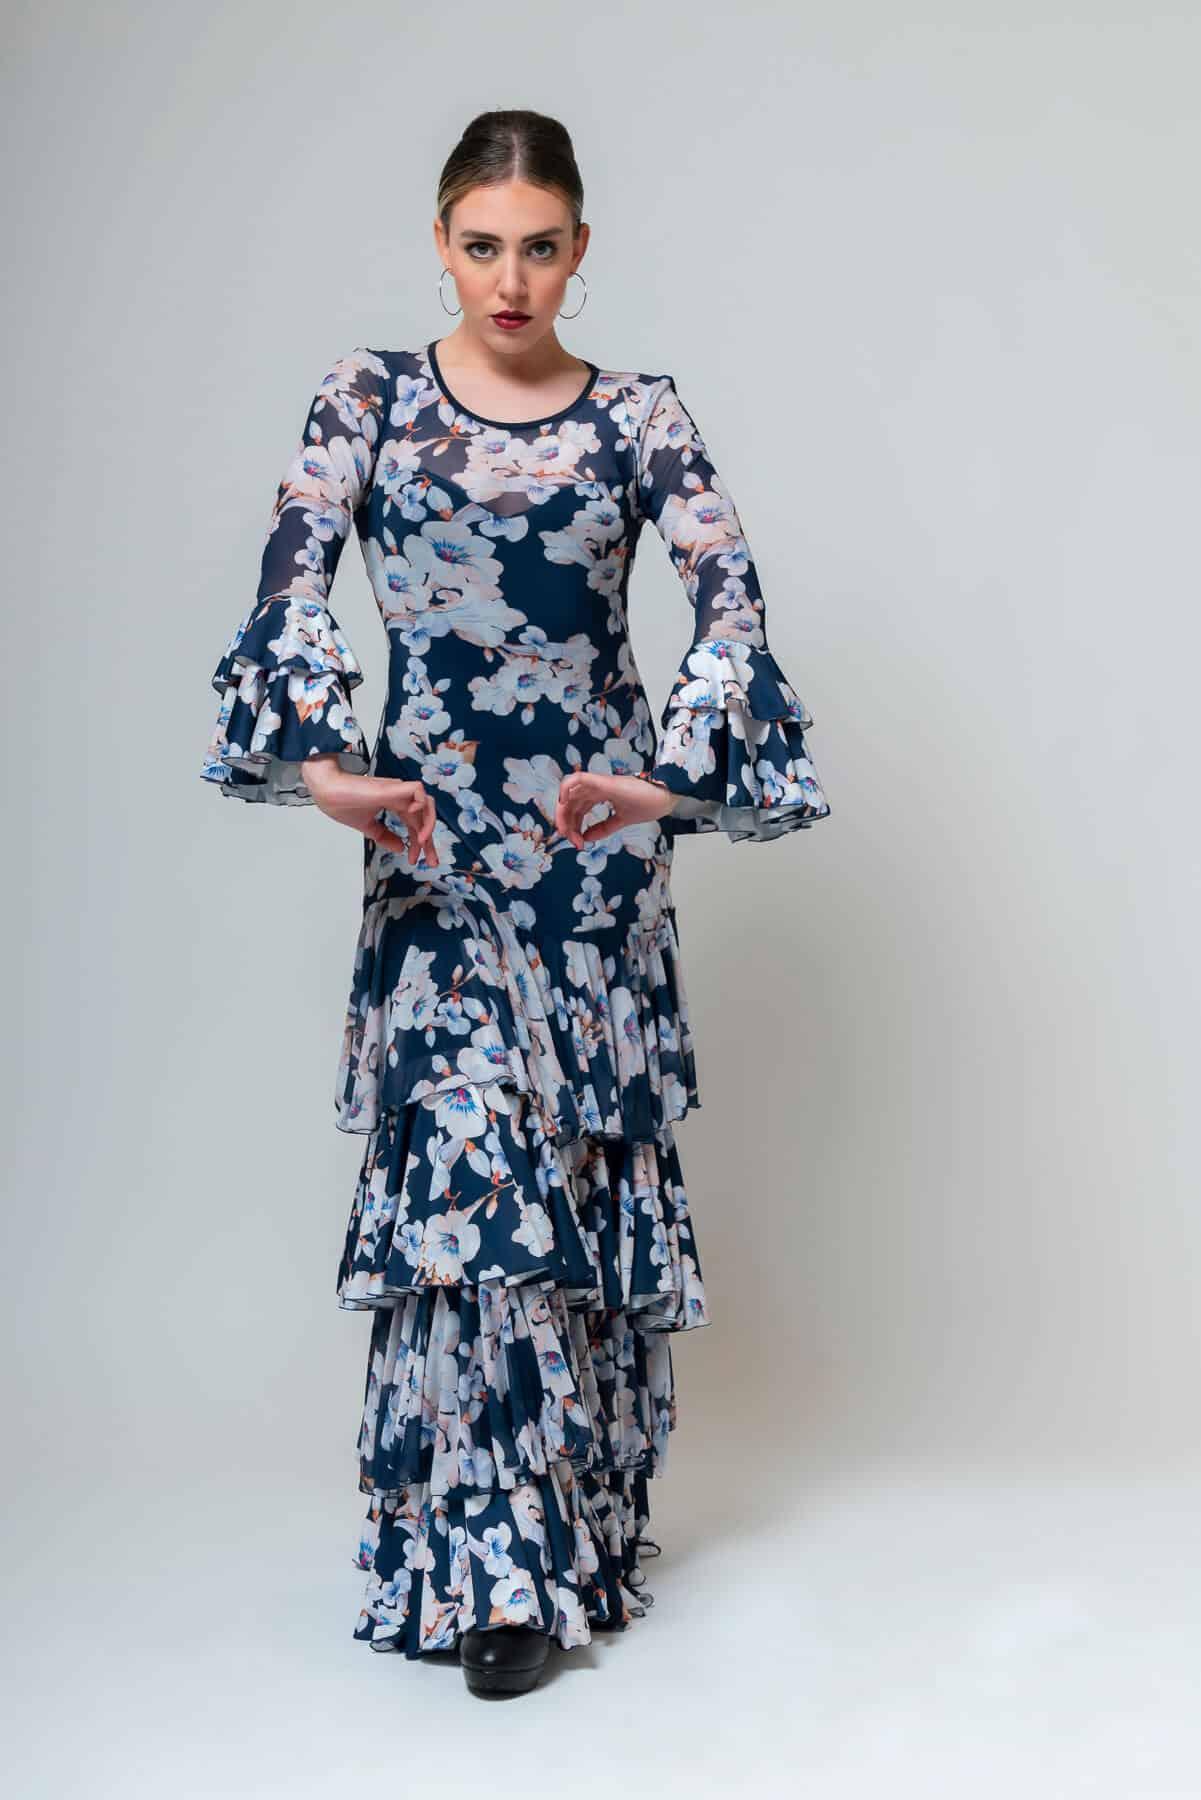 Vestido flamenco con flores 4296